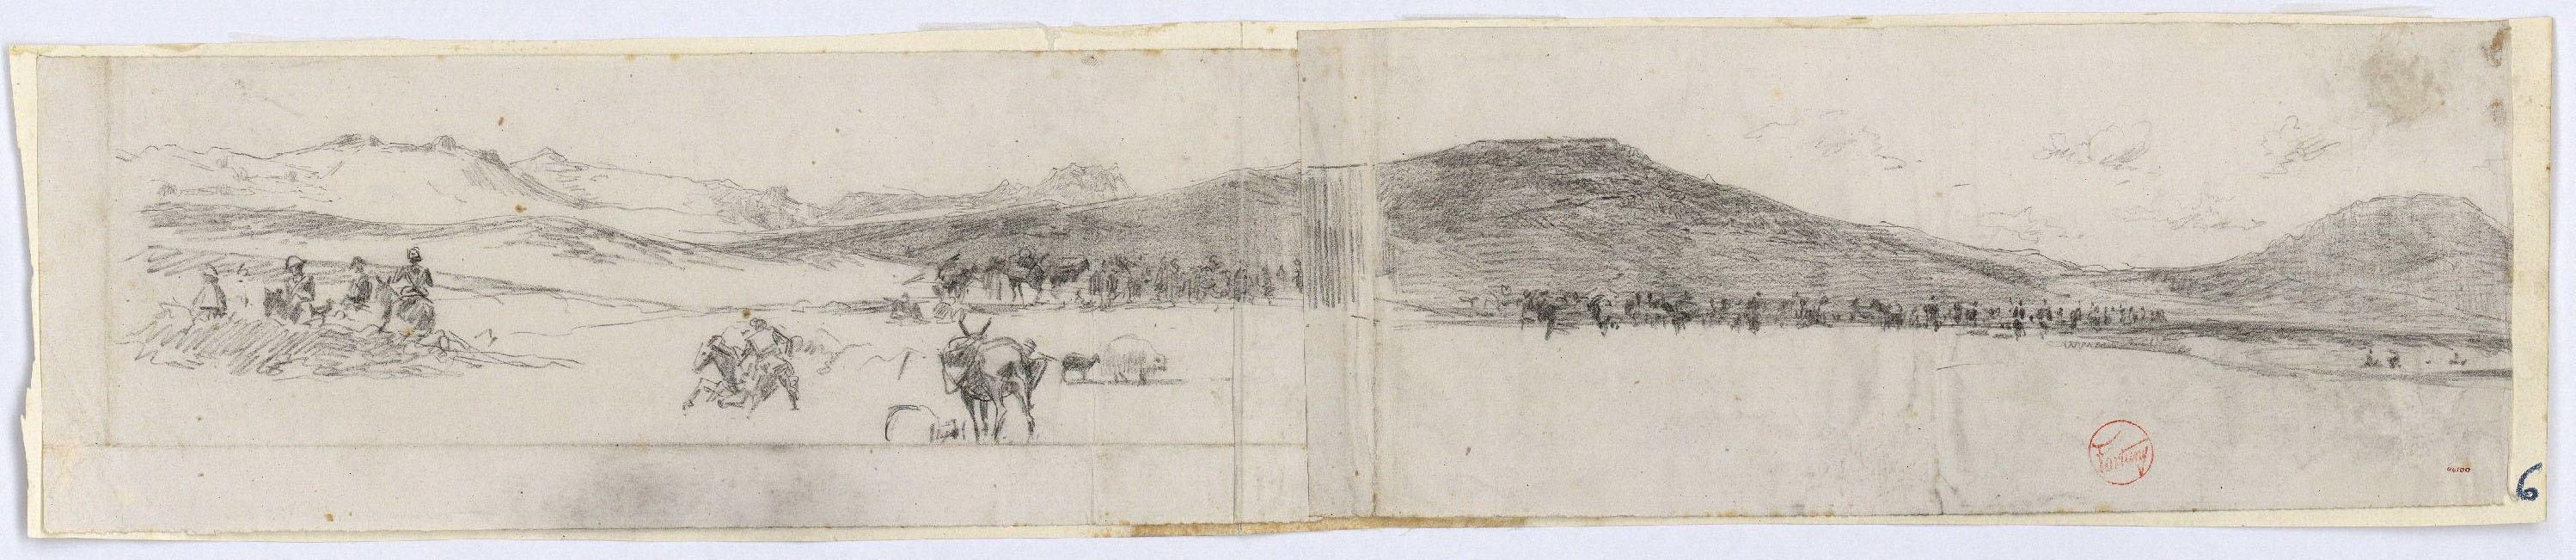 Marià Fortuny - Paisatge marroquí amb l'exèrcit espanyol - Cap a 1860